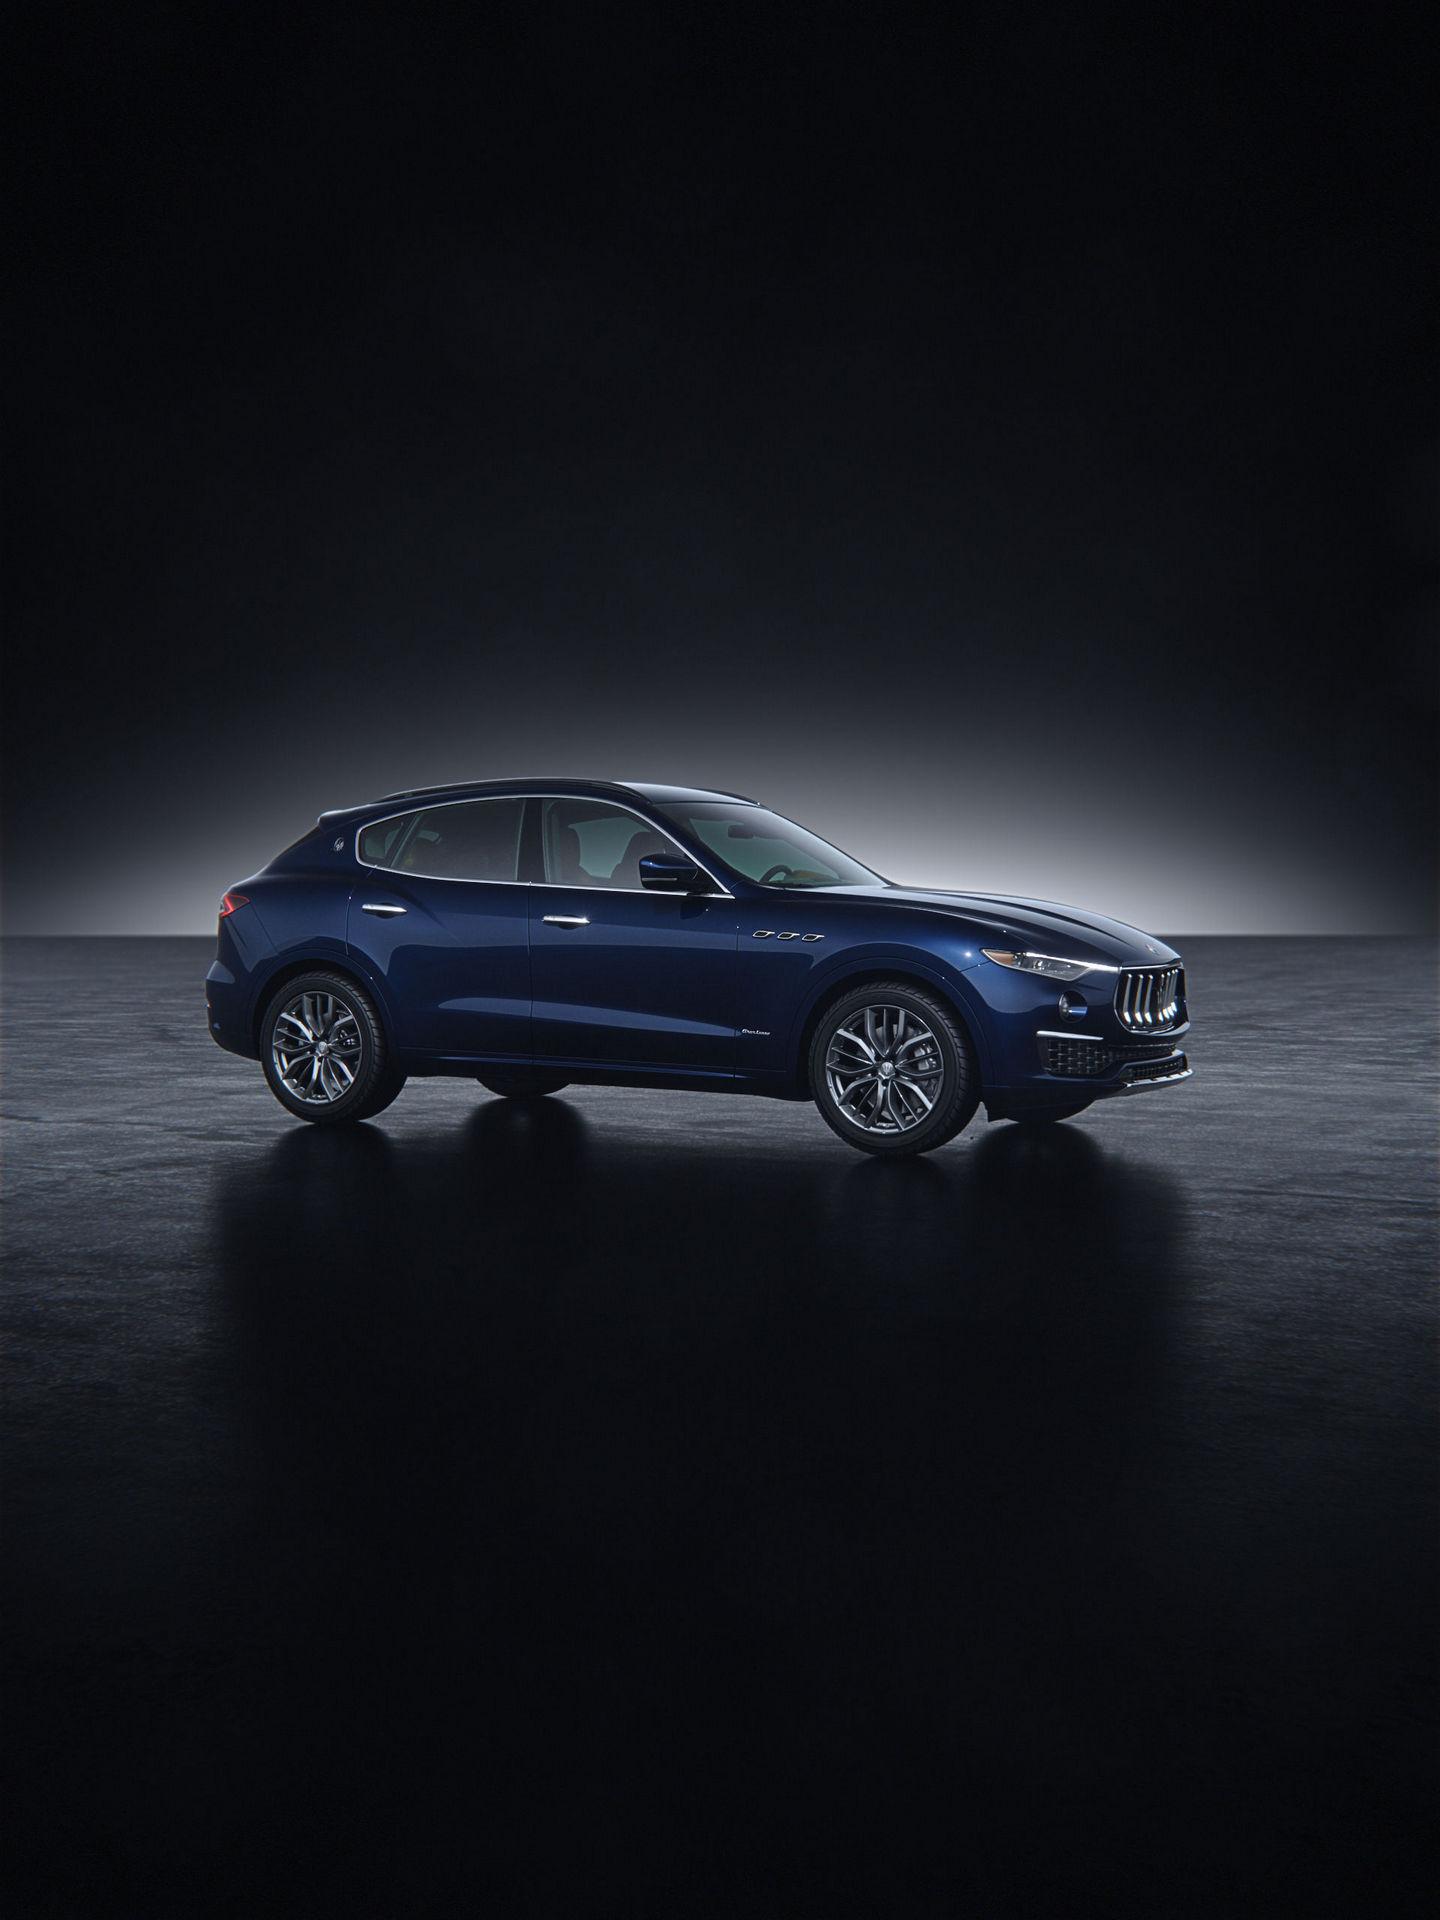 2019 Maserati Levante - The Maserati of SUVs | Maserati USA